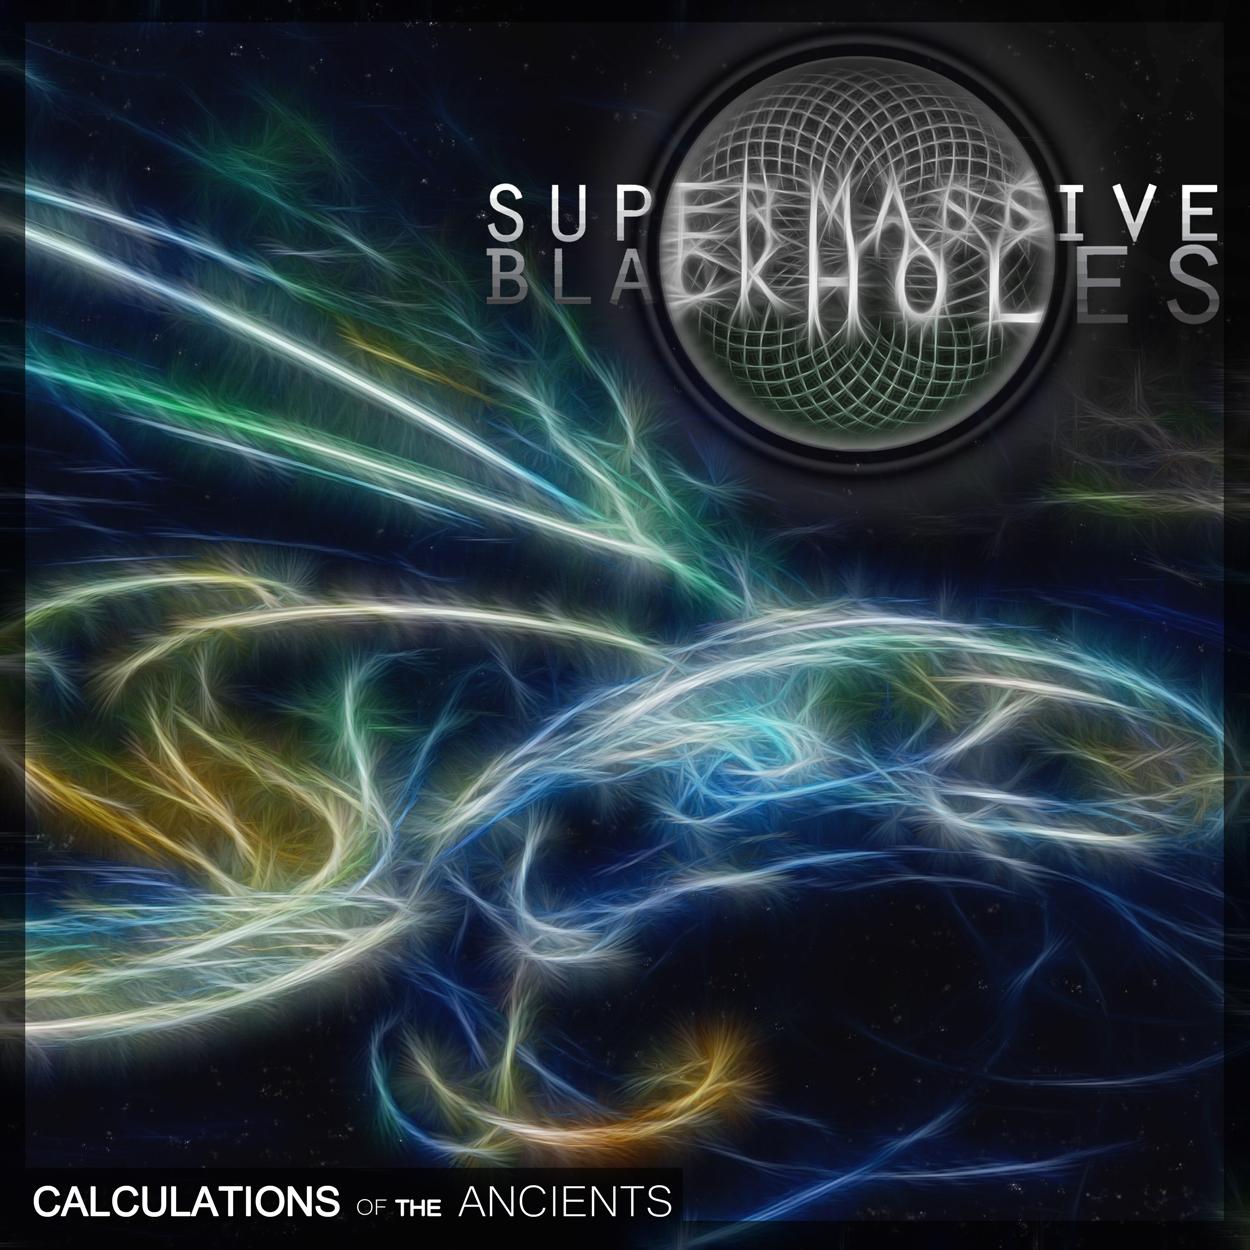 Super Massive Black Holes – Calculations of the Ancients